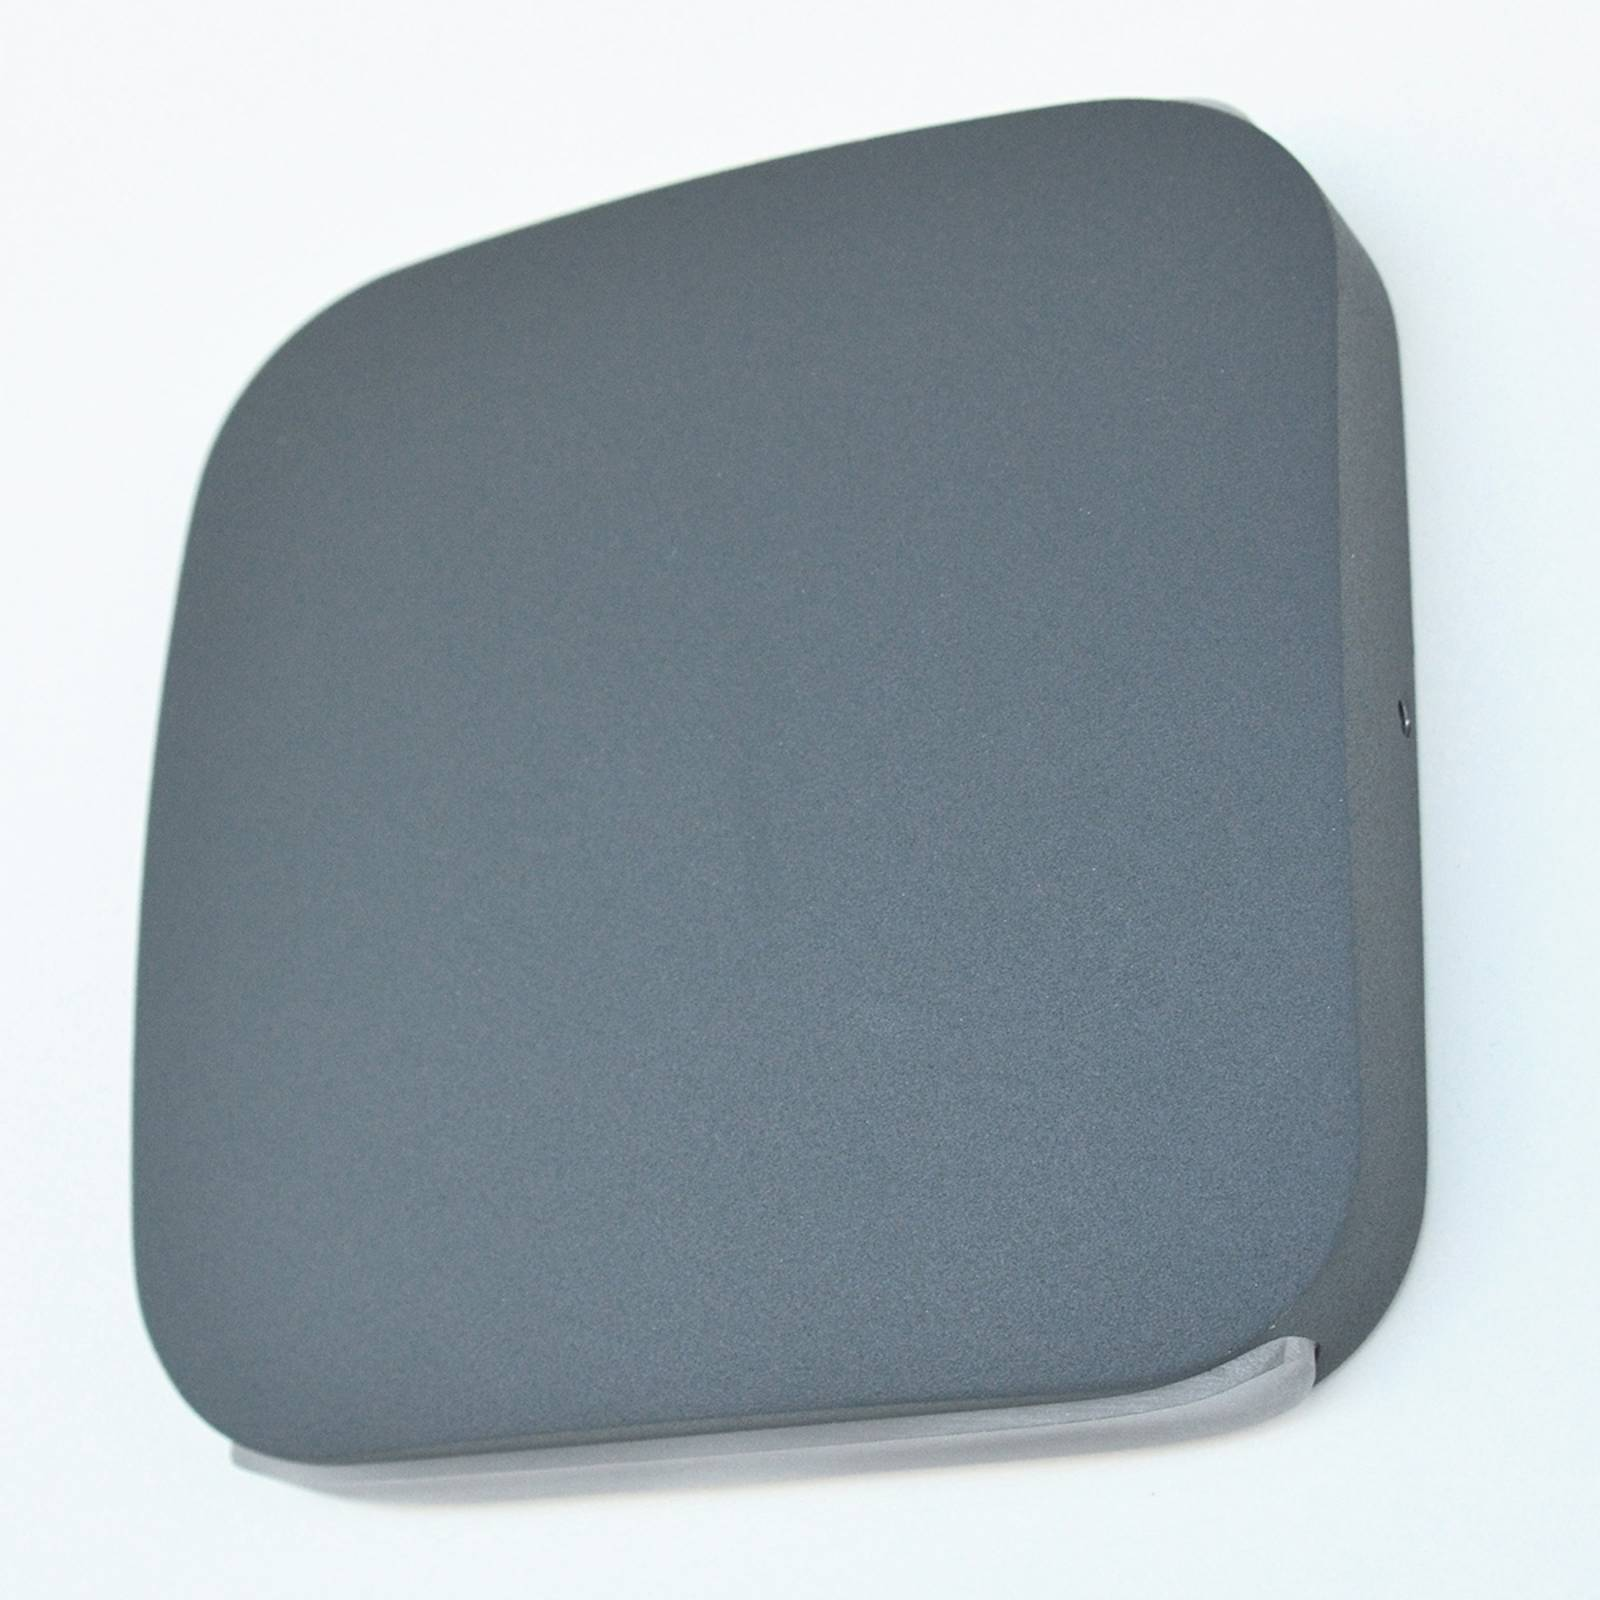 LED-ulkoseinälamppu Astuccio, tummanharmaa